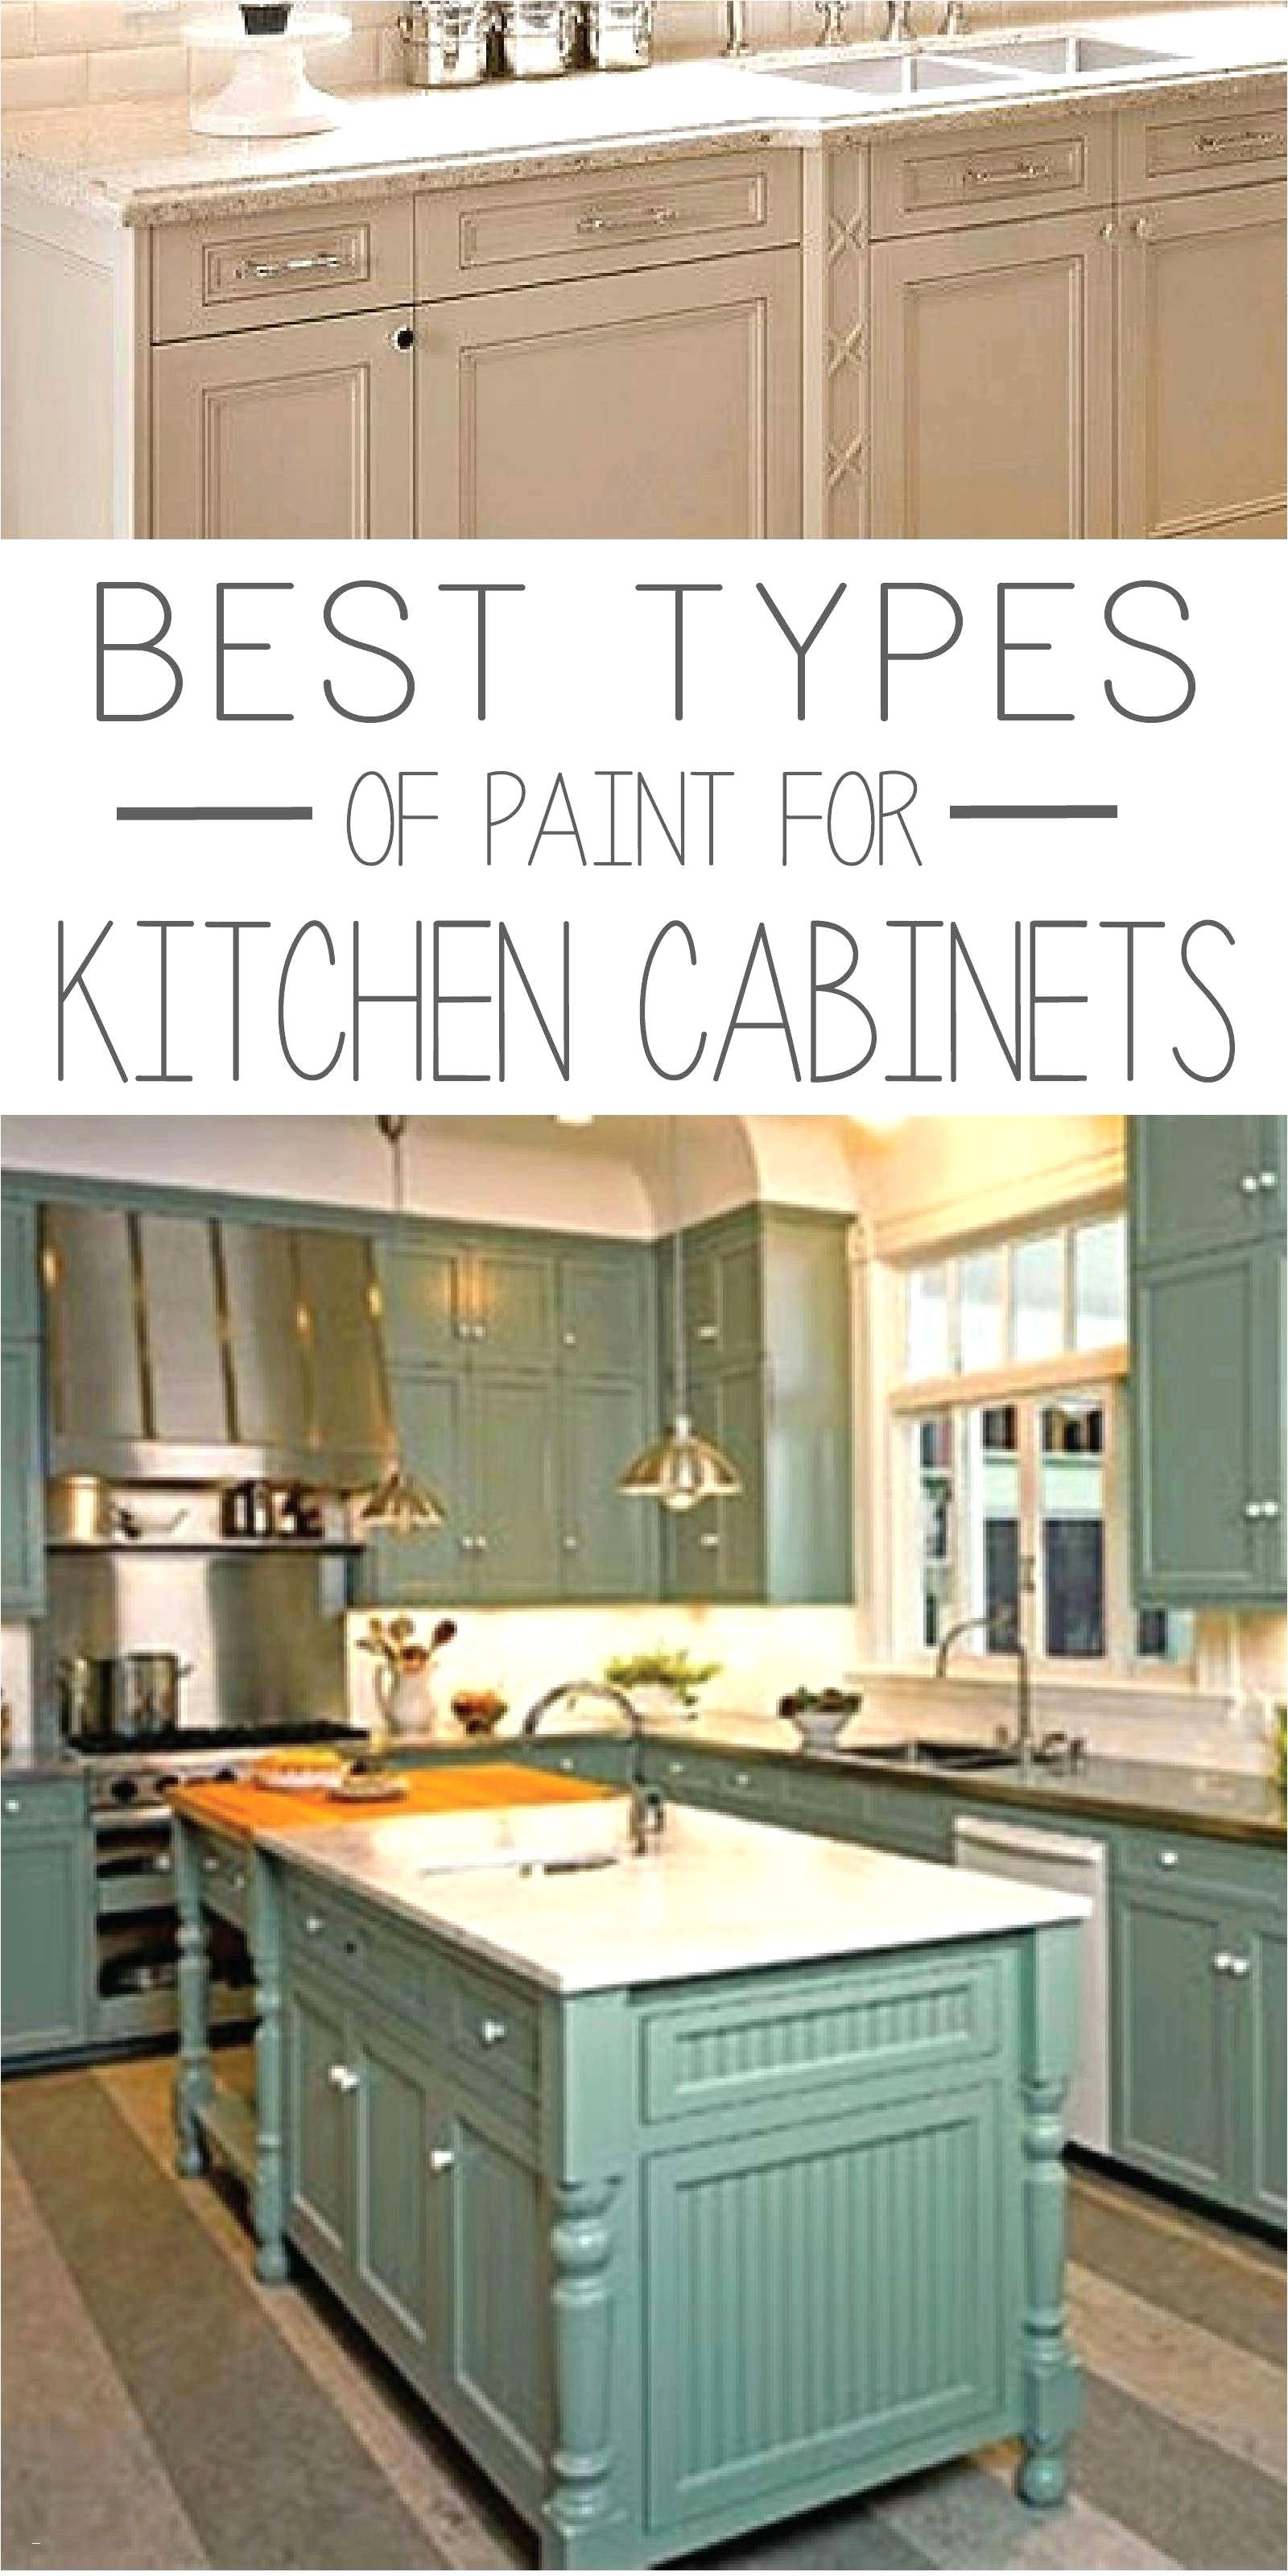 black kitchen design best kitchen kitchen designing kitchen designing 0d kitchens inspiration 50 best barn style interior doors